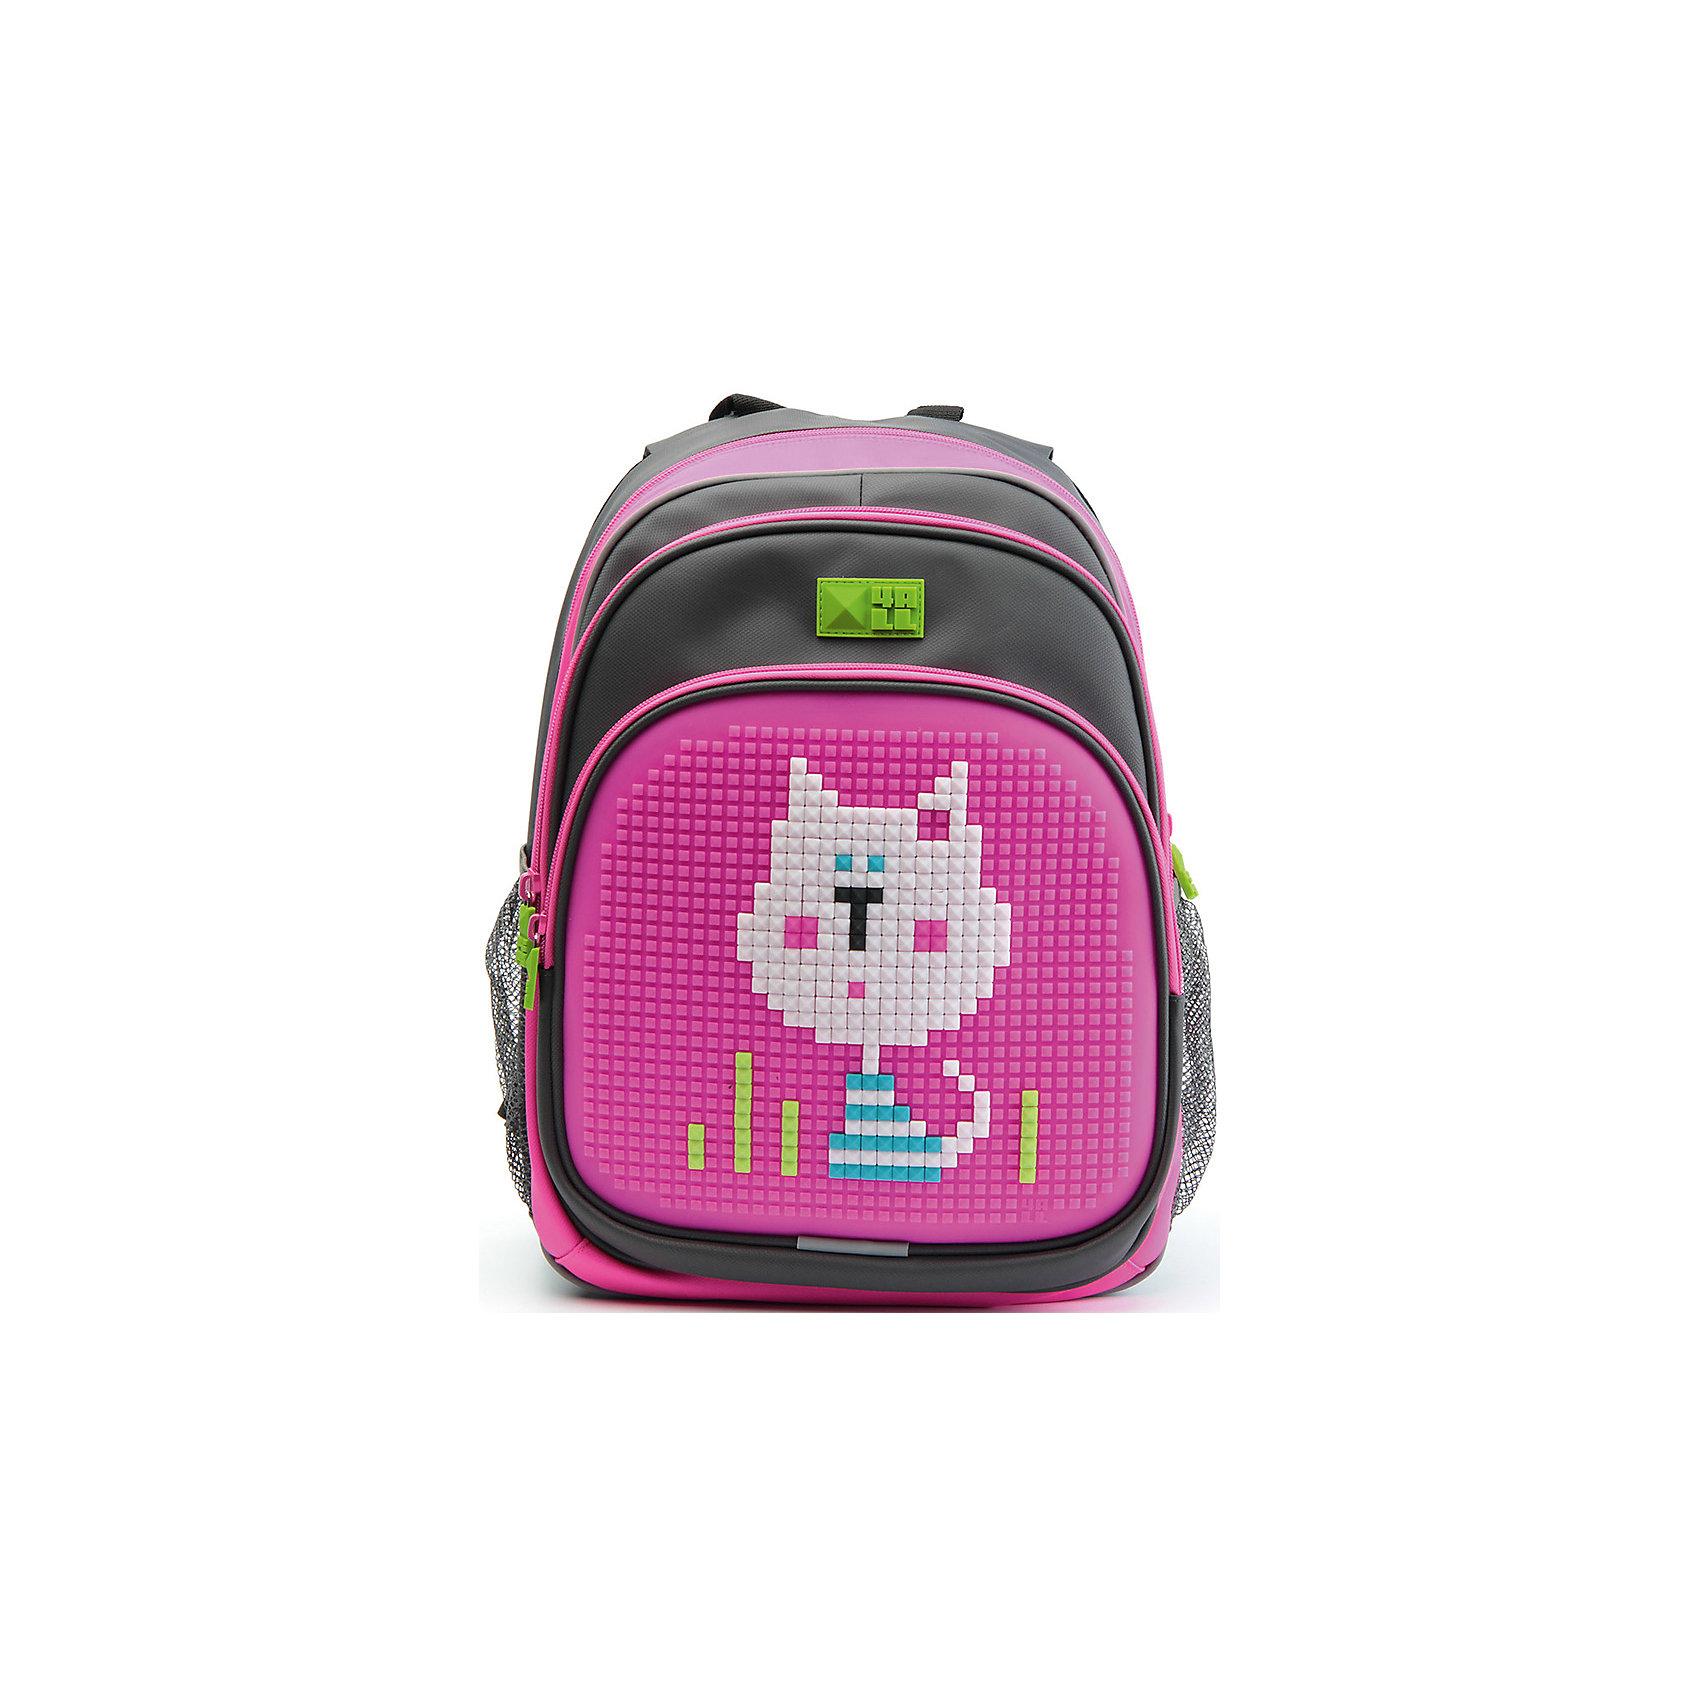 4ALL Рюкзак Kids, серо-розовыйРюкзаки<br>Рюкзак KIDS - это одновременно и яркий, функциональный школьный аксессуар, и безграничная площадка для самовыражения, способная подчеркнуть любой выбранный образ. С помощью уникальной силиконовой панели и набора пластиковых пикселей-битов можно декорировать фасад рюкзака, как угодно, полагаясь на свое воображение и вкус. А все материалы, задействованные при изготовлении, имеют специальную вода- и грязеотталкивающую пропитку, что гарантирует практичность, износостойкость и долговечность рюкзака.<br><br>Такой современный и интересный ранец будет прекрасным подарком к 1 сентября!<br><br>Особенности:<br>AIR COMFORT system:<br>- Система свободной циркуляции воздуха между задней стенкой рюкзака и спиной ребенка.<br>- Совместно с ортопедической спиной ERGO system эта система воздухообмена делает ежедневное использование рюкзаков KIDS безопасным для здоровья и максимально комфортным!<br>ERGO system:<br>- Разработанная нами система ERGO служит равномерному распределению нагрузки на спину ребенка. Она способна сделать рюкзак, наполненный учебниками, легким. ERGO служит сохранению правильной осанки и заботится о здоровье позвоночника!<br>Ортопедическая спина:<br>- Важное свойство наших рюкзаков - ортопедическая спина! Способна как корсет поддерживать позвоночник, правильно распределяя нагрузку, а так же обеспечивает циркуляцию воздуха между задней стенкой рюкзака и спиной ребенка!<br>А также:<br>- Гипоаллергенный силикон;<br>- Водоотталкивающие материалы;<br>- Устойчивость всех материалов к температурам воздуха ниже 0!<br><br>Дополнительная информация:<br><br>- Рюкзак уже содержит 1 упаковку разноцветных пикселей-битов (300 шт.) для создания картинок<br>- Цвет: серо-розовый;<br>- Объем рюкзака: 22 л.<br>- Размер в упаковке: 39х27х15 см.<br>- Вес в упаковке: 950 г.<br><br>Рюкзак Kids в  серо-розовом цвете , можно купить в нашем магазине.<br><br>Ширина мм: 390<br>Глубина мм: 270<br>Высота мм: 150<br>Вес г: 950<br>Возраст от месяцев: 36<br